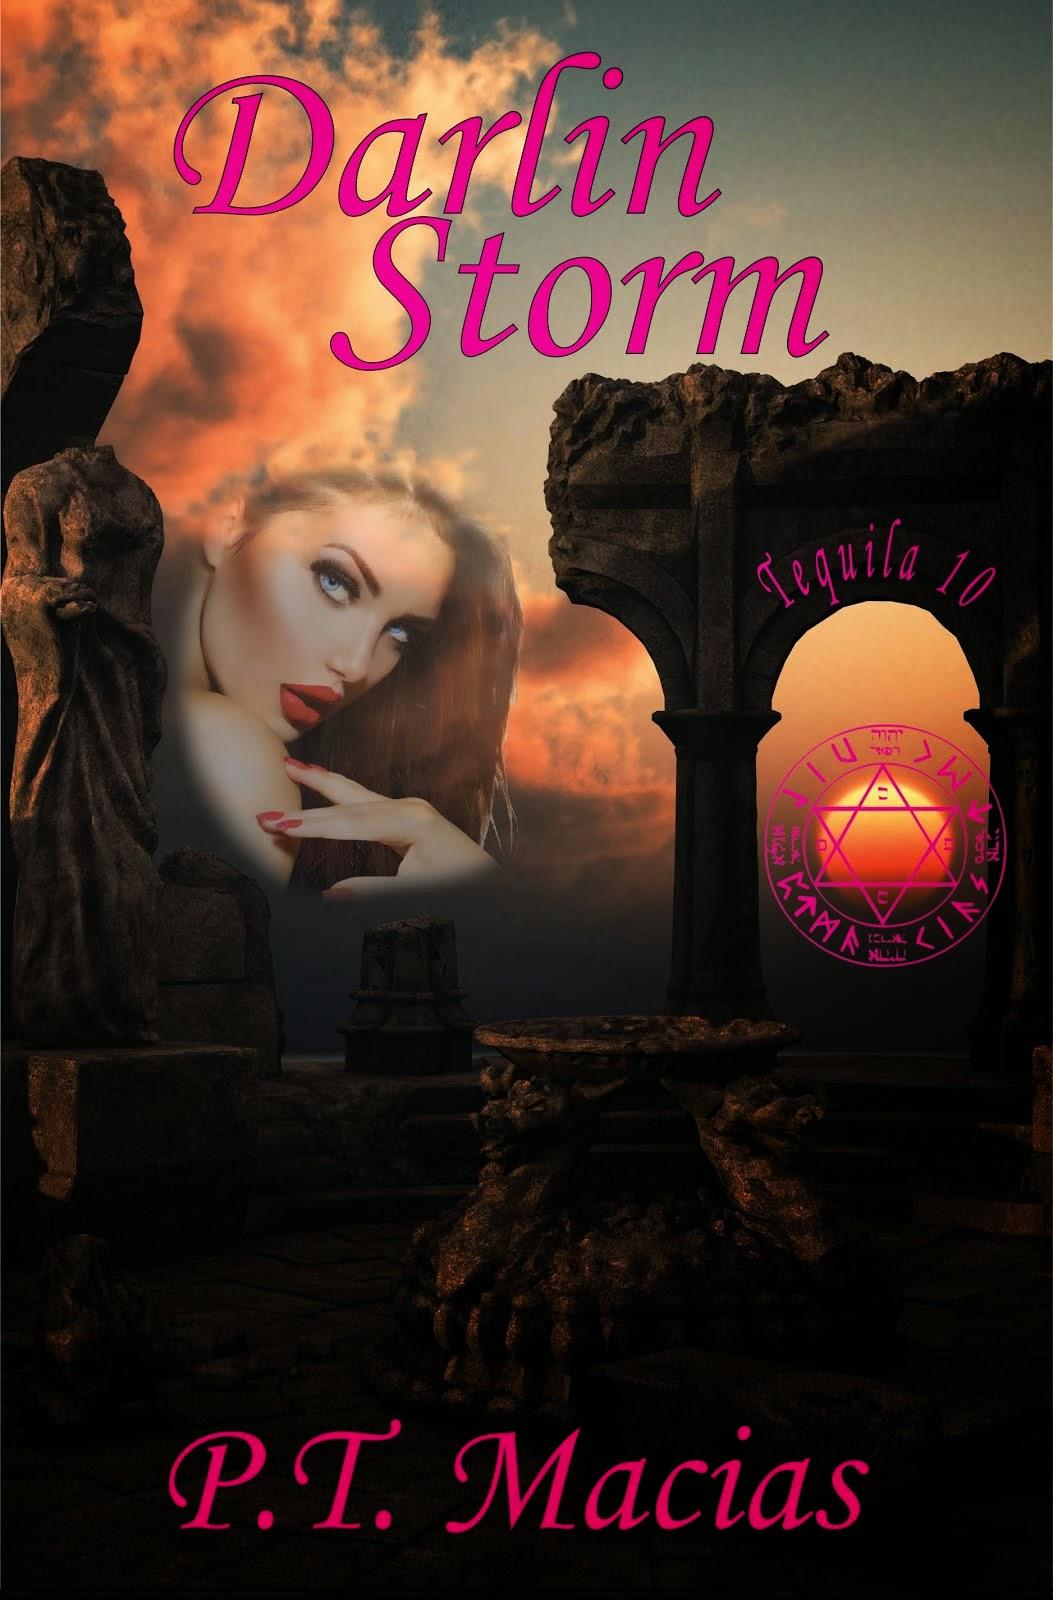 Darlin Storm, Tequila 10 By P.T. Macias